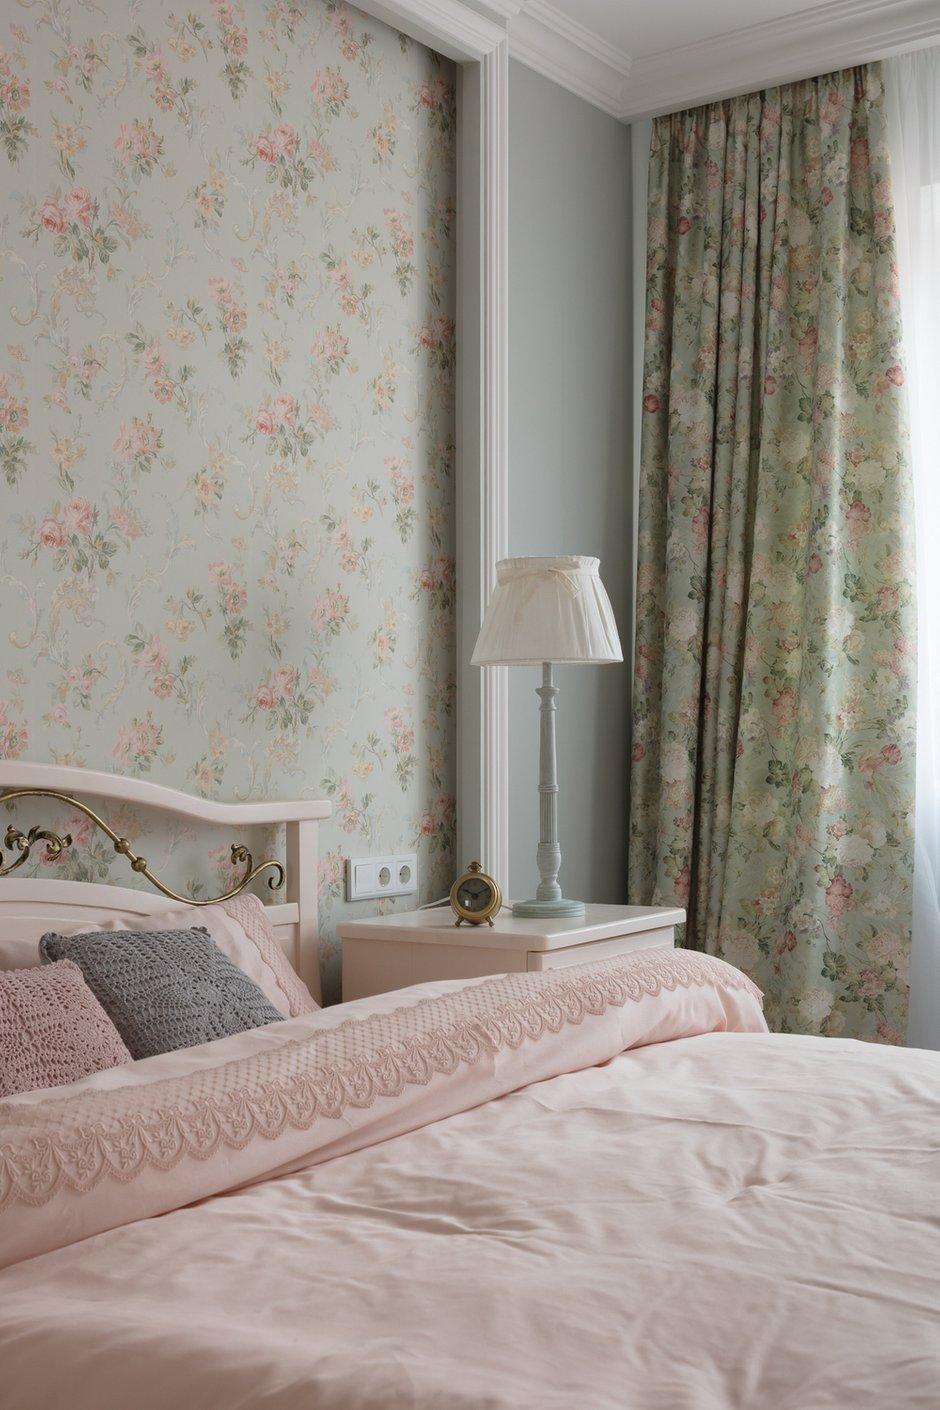 Фотография: Спальня в стиле Прованс и Кантри, Квартира, Проект недели, Балашиха, Монолитный дом, 2 комнаты, 60-90 метров, Анна Елина – фото на INMYROOM